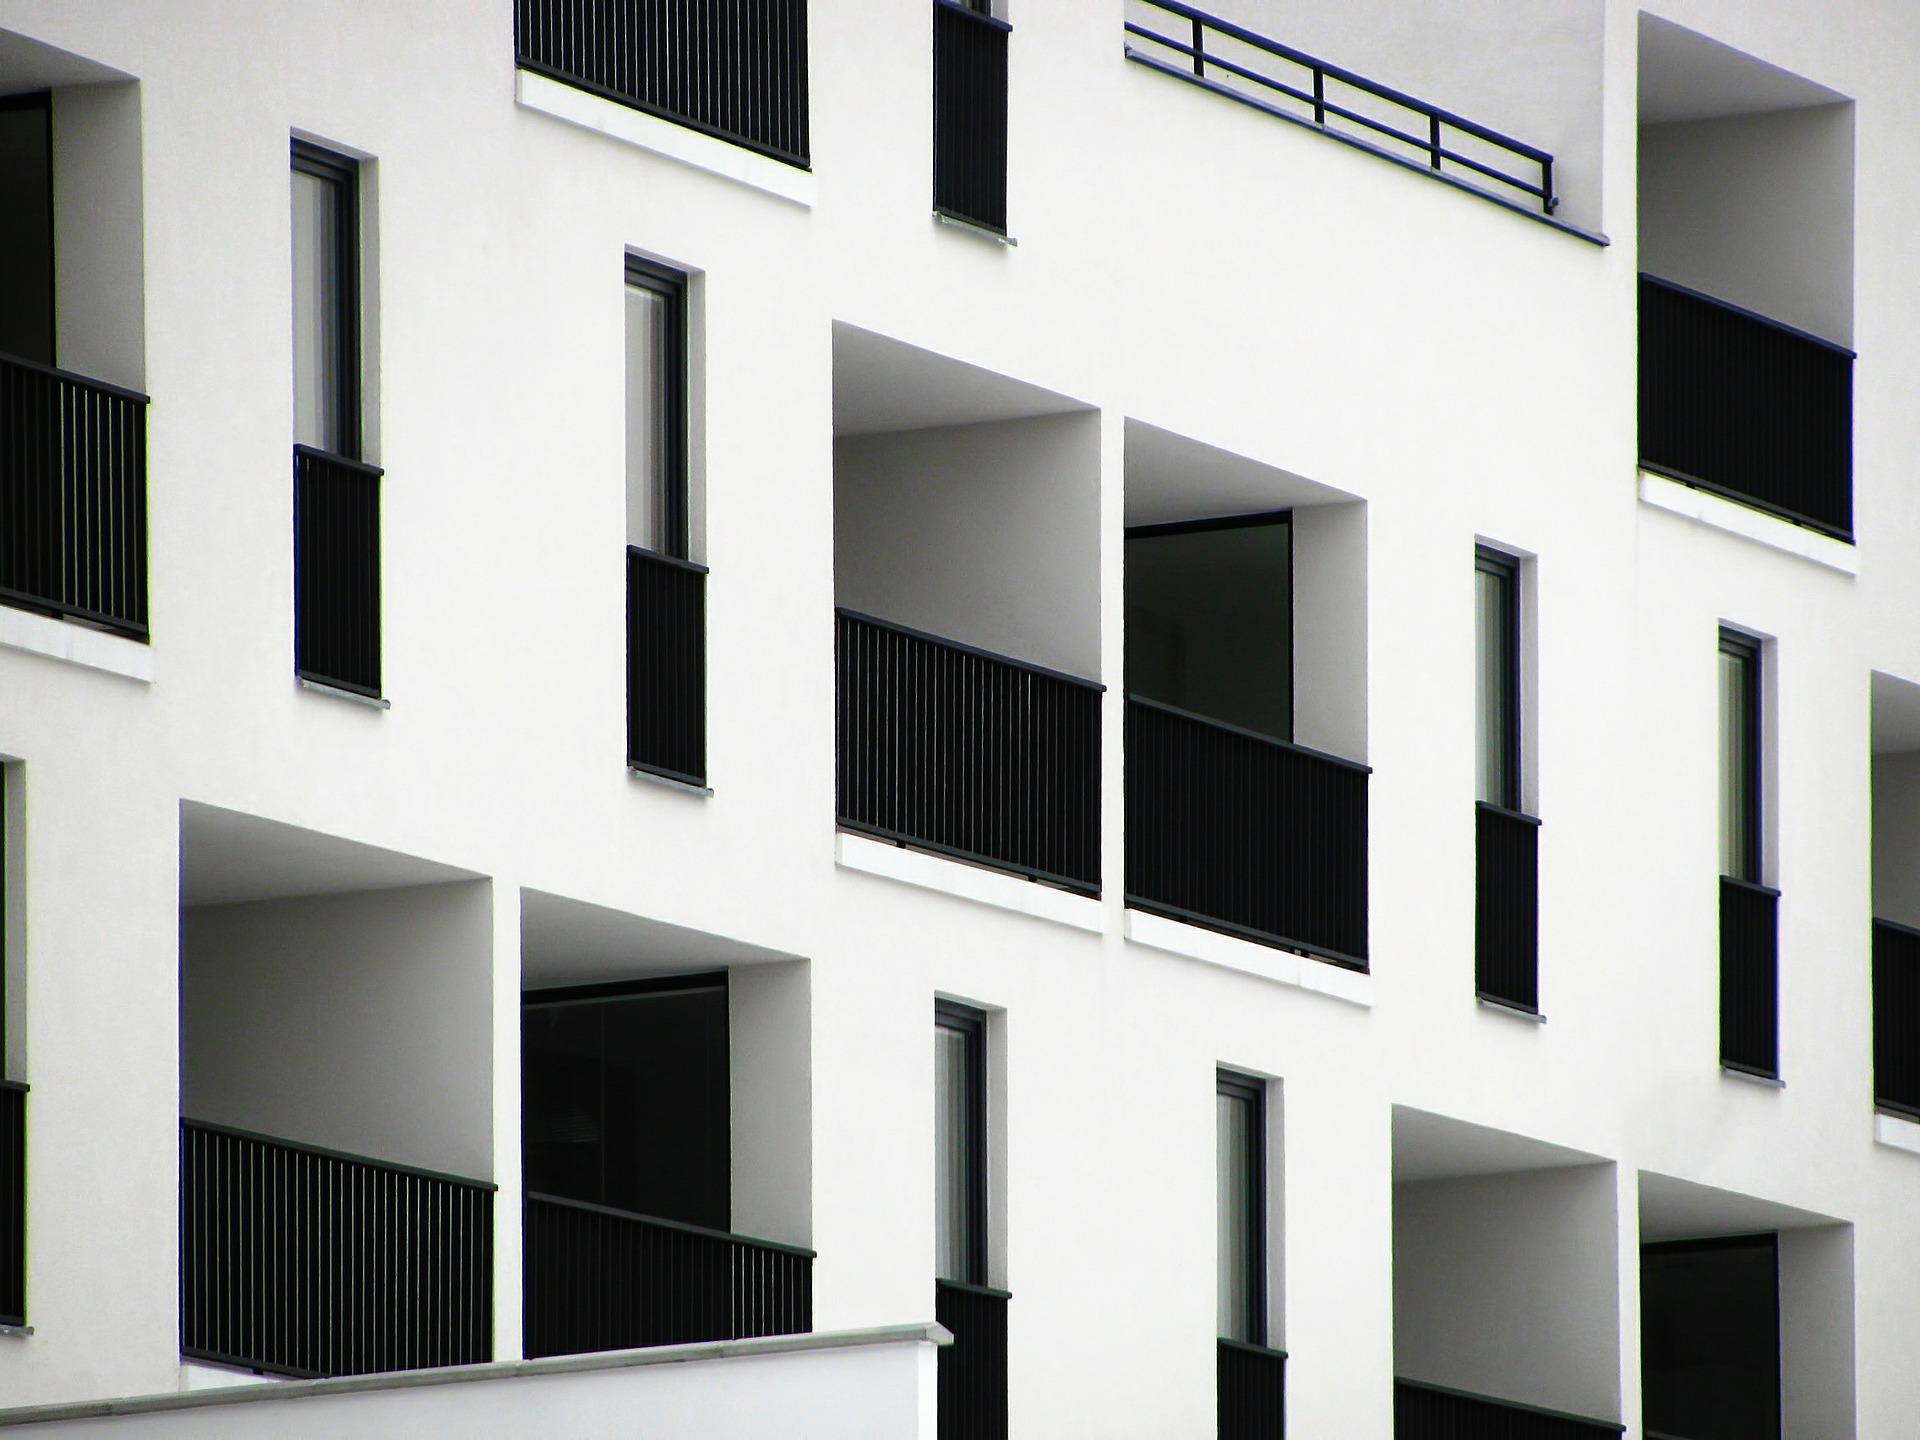 appartement avec balcon et garde corps